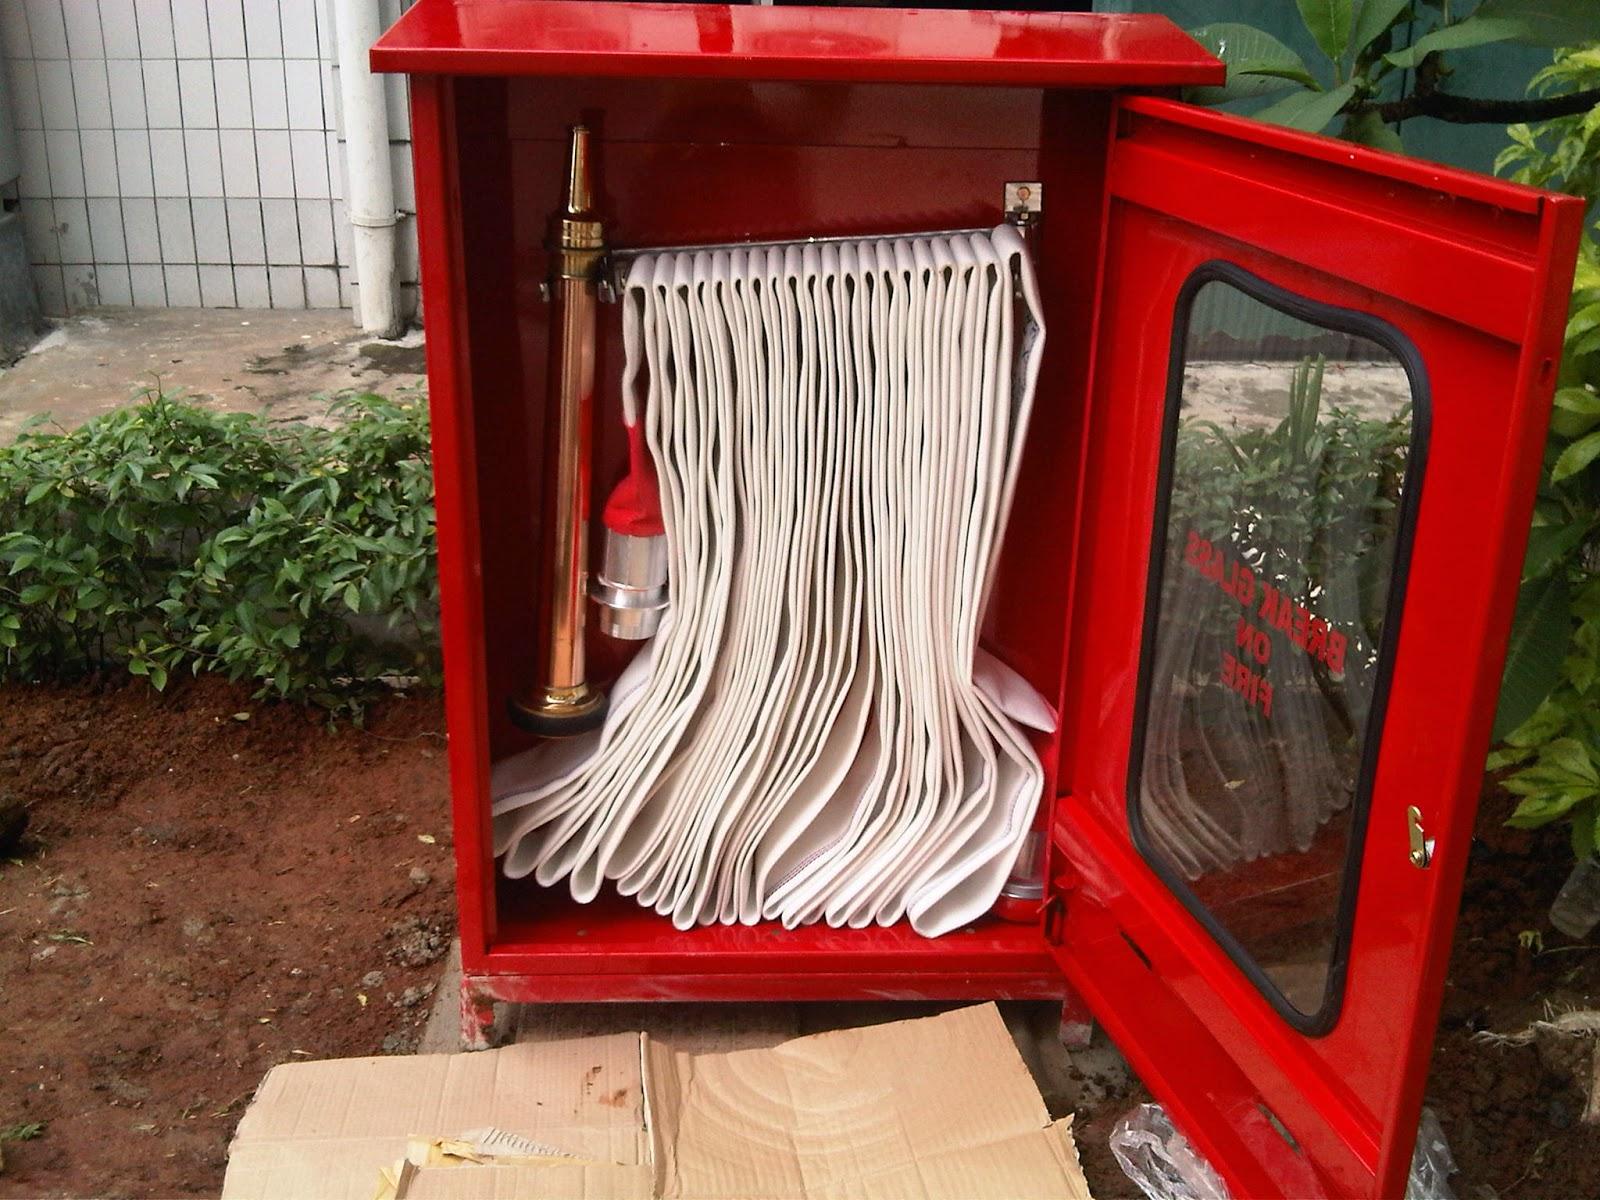 ialah salah satu perlengkapan dari Fire Hydrant System dimana untuk penempatan pemasanga HOSE RACK - PERLENGKAPAN FIRE HYDRANT SYSTEM